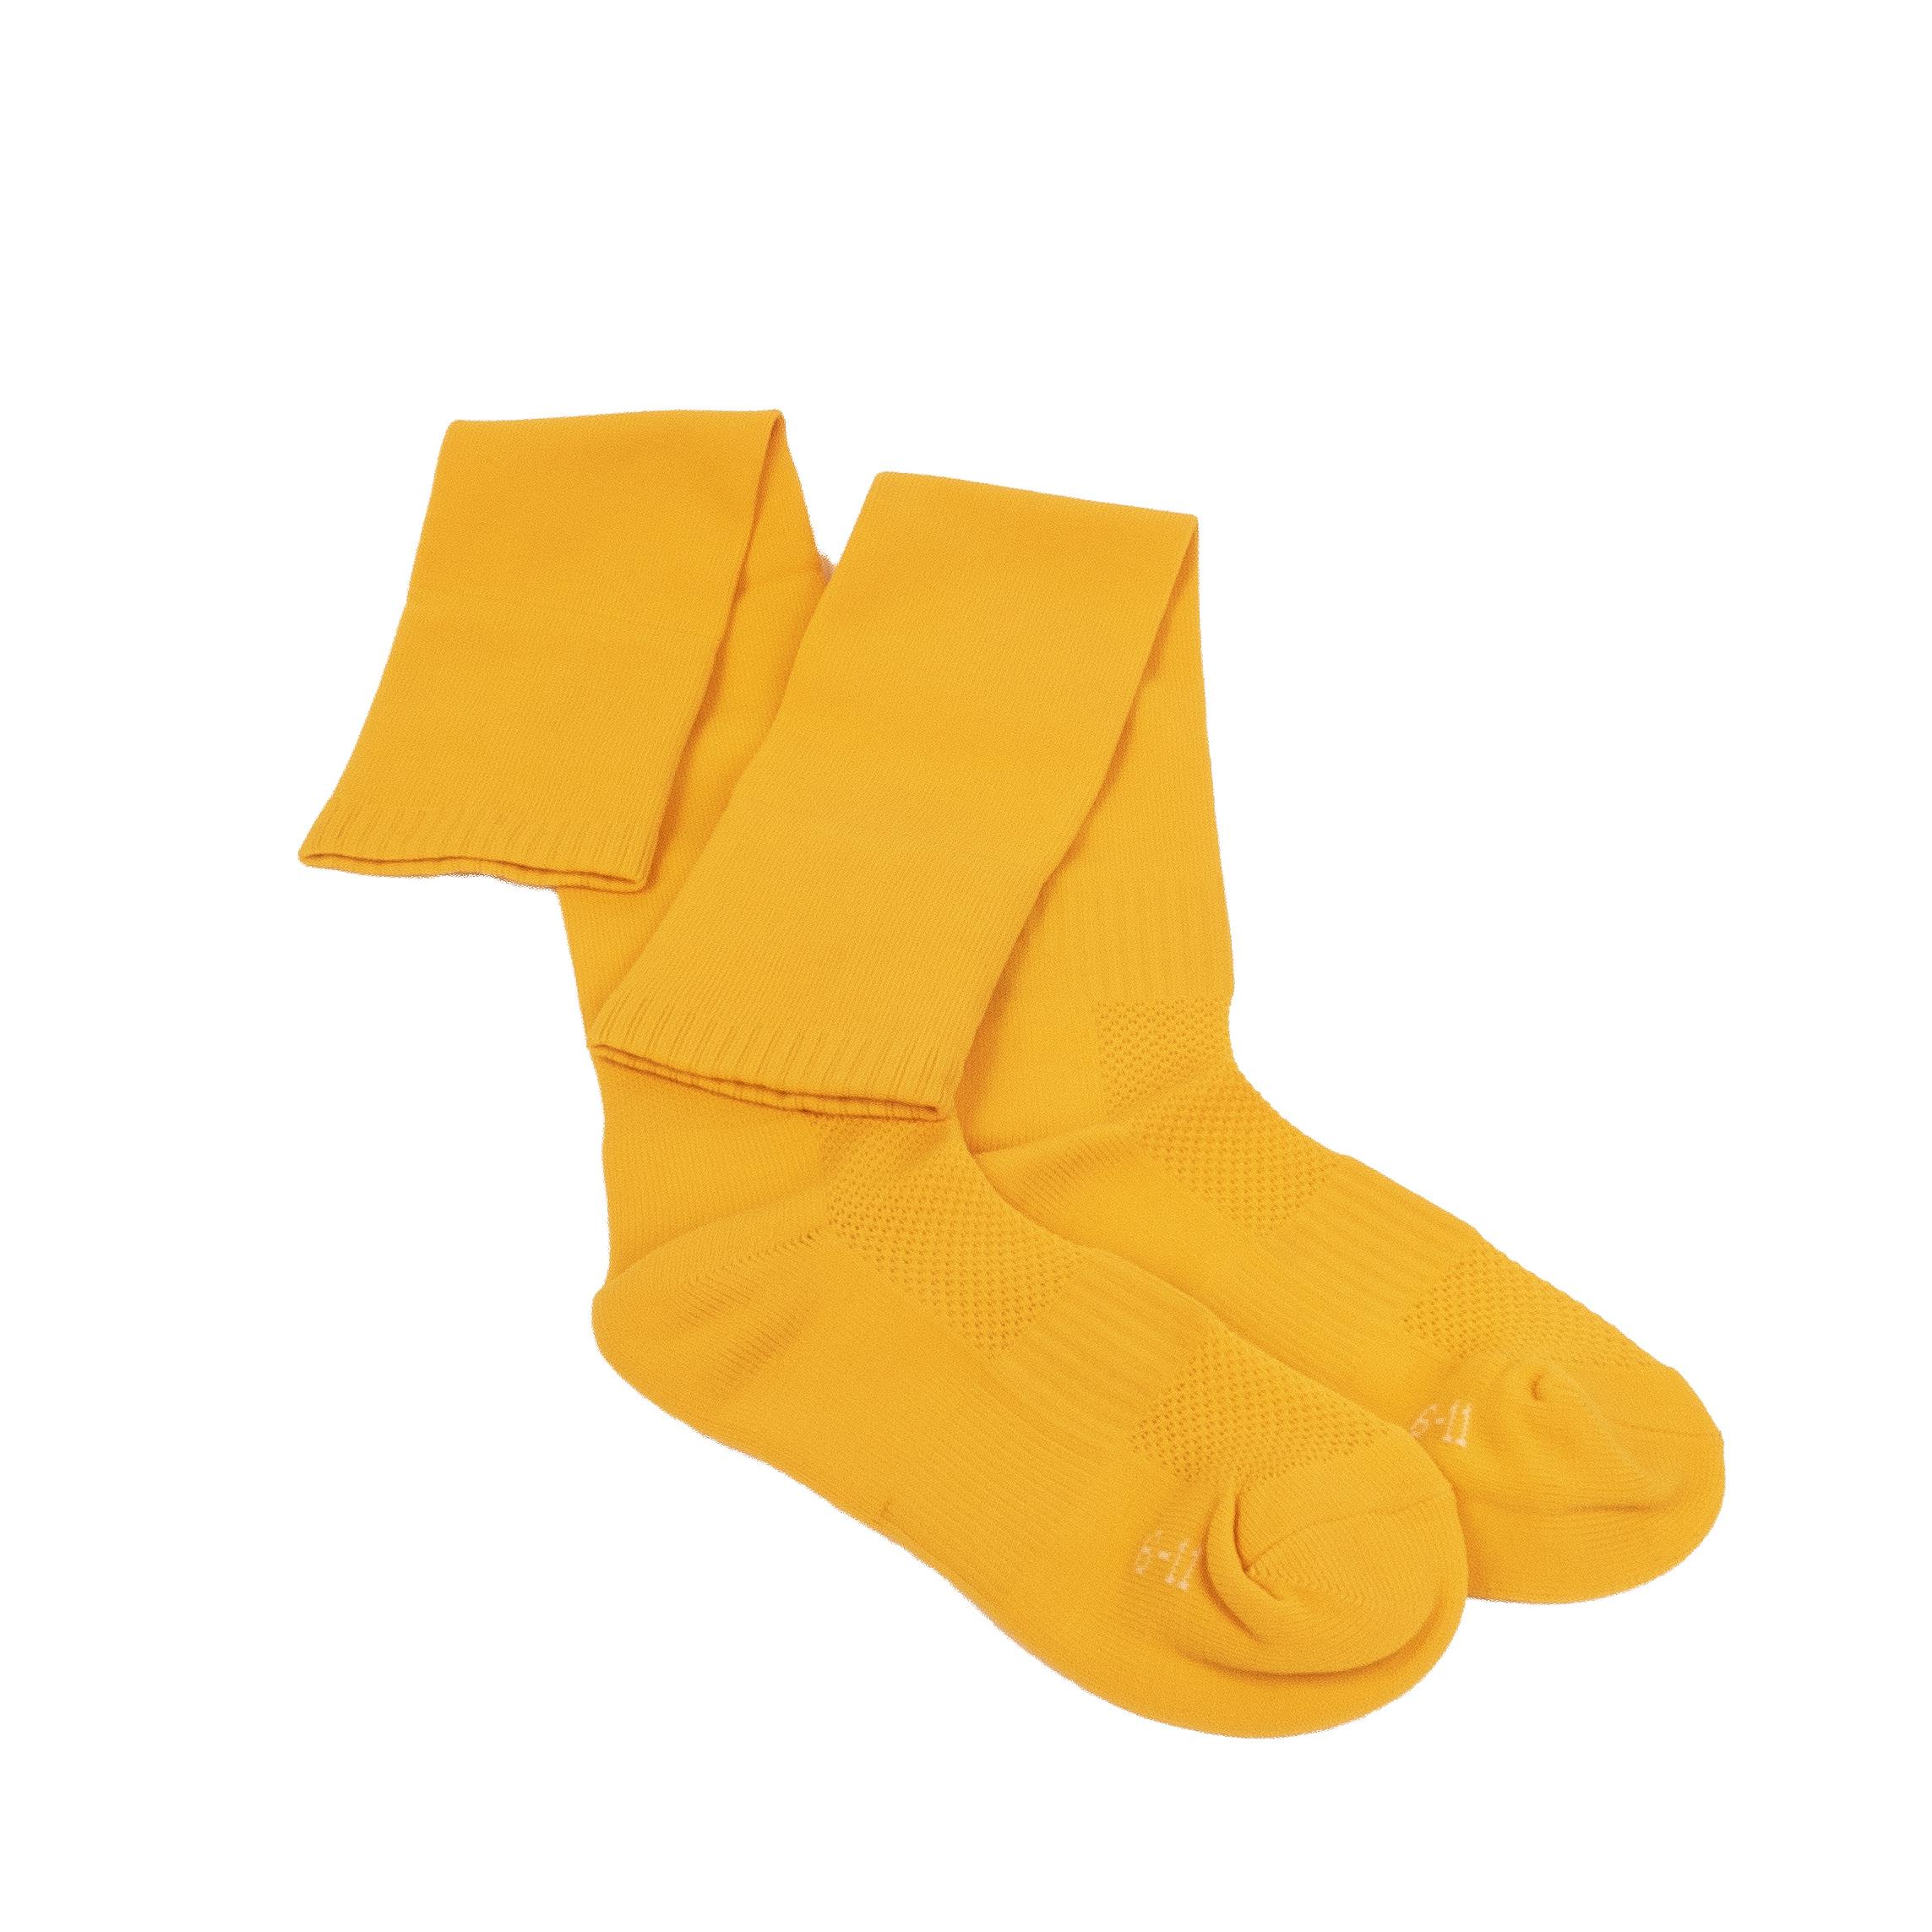 Caste School gold socks flat